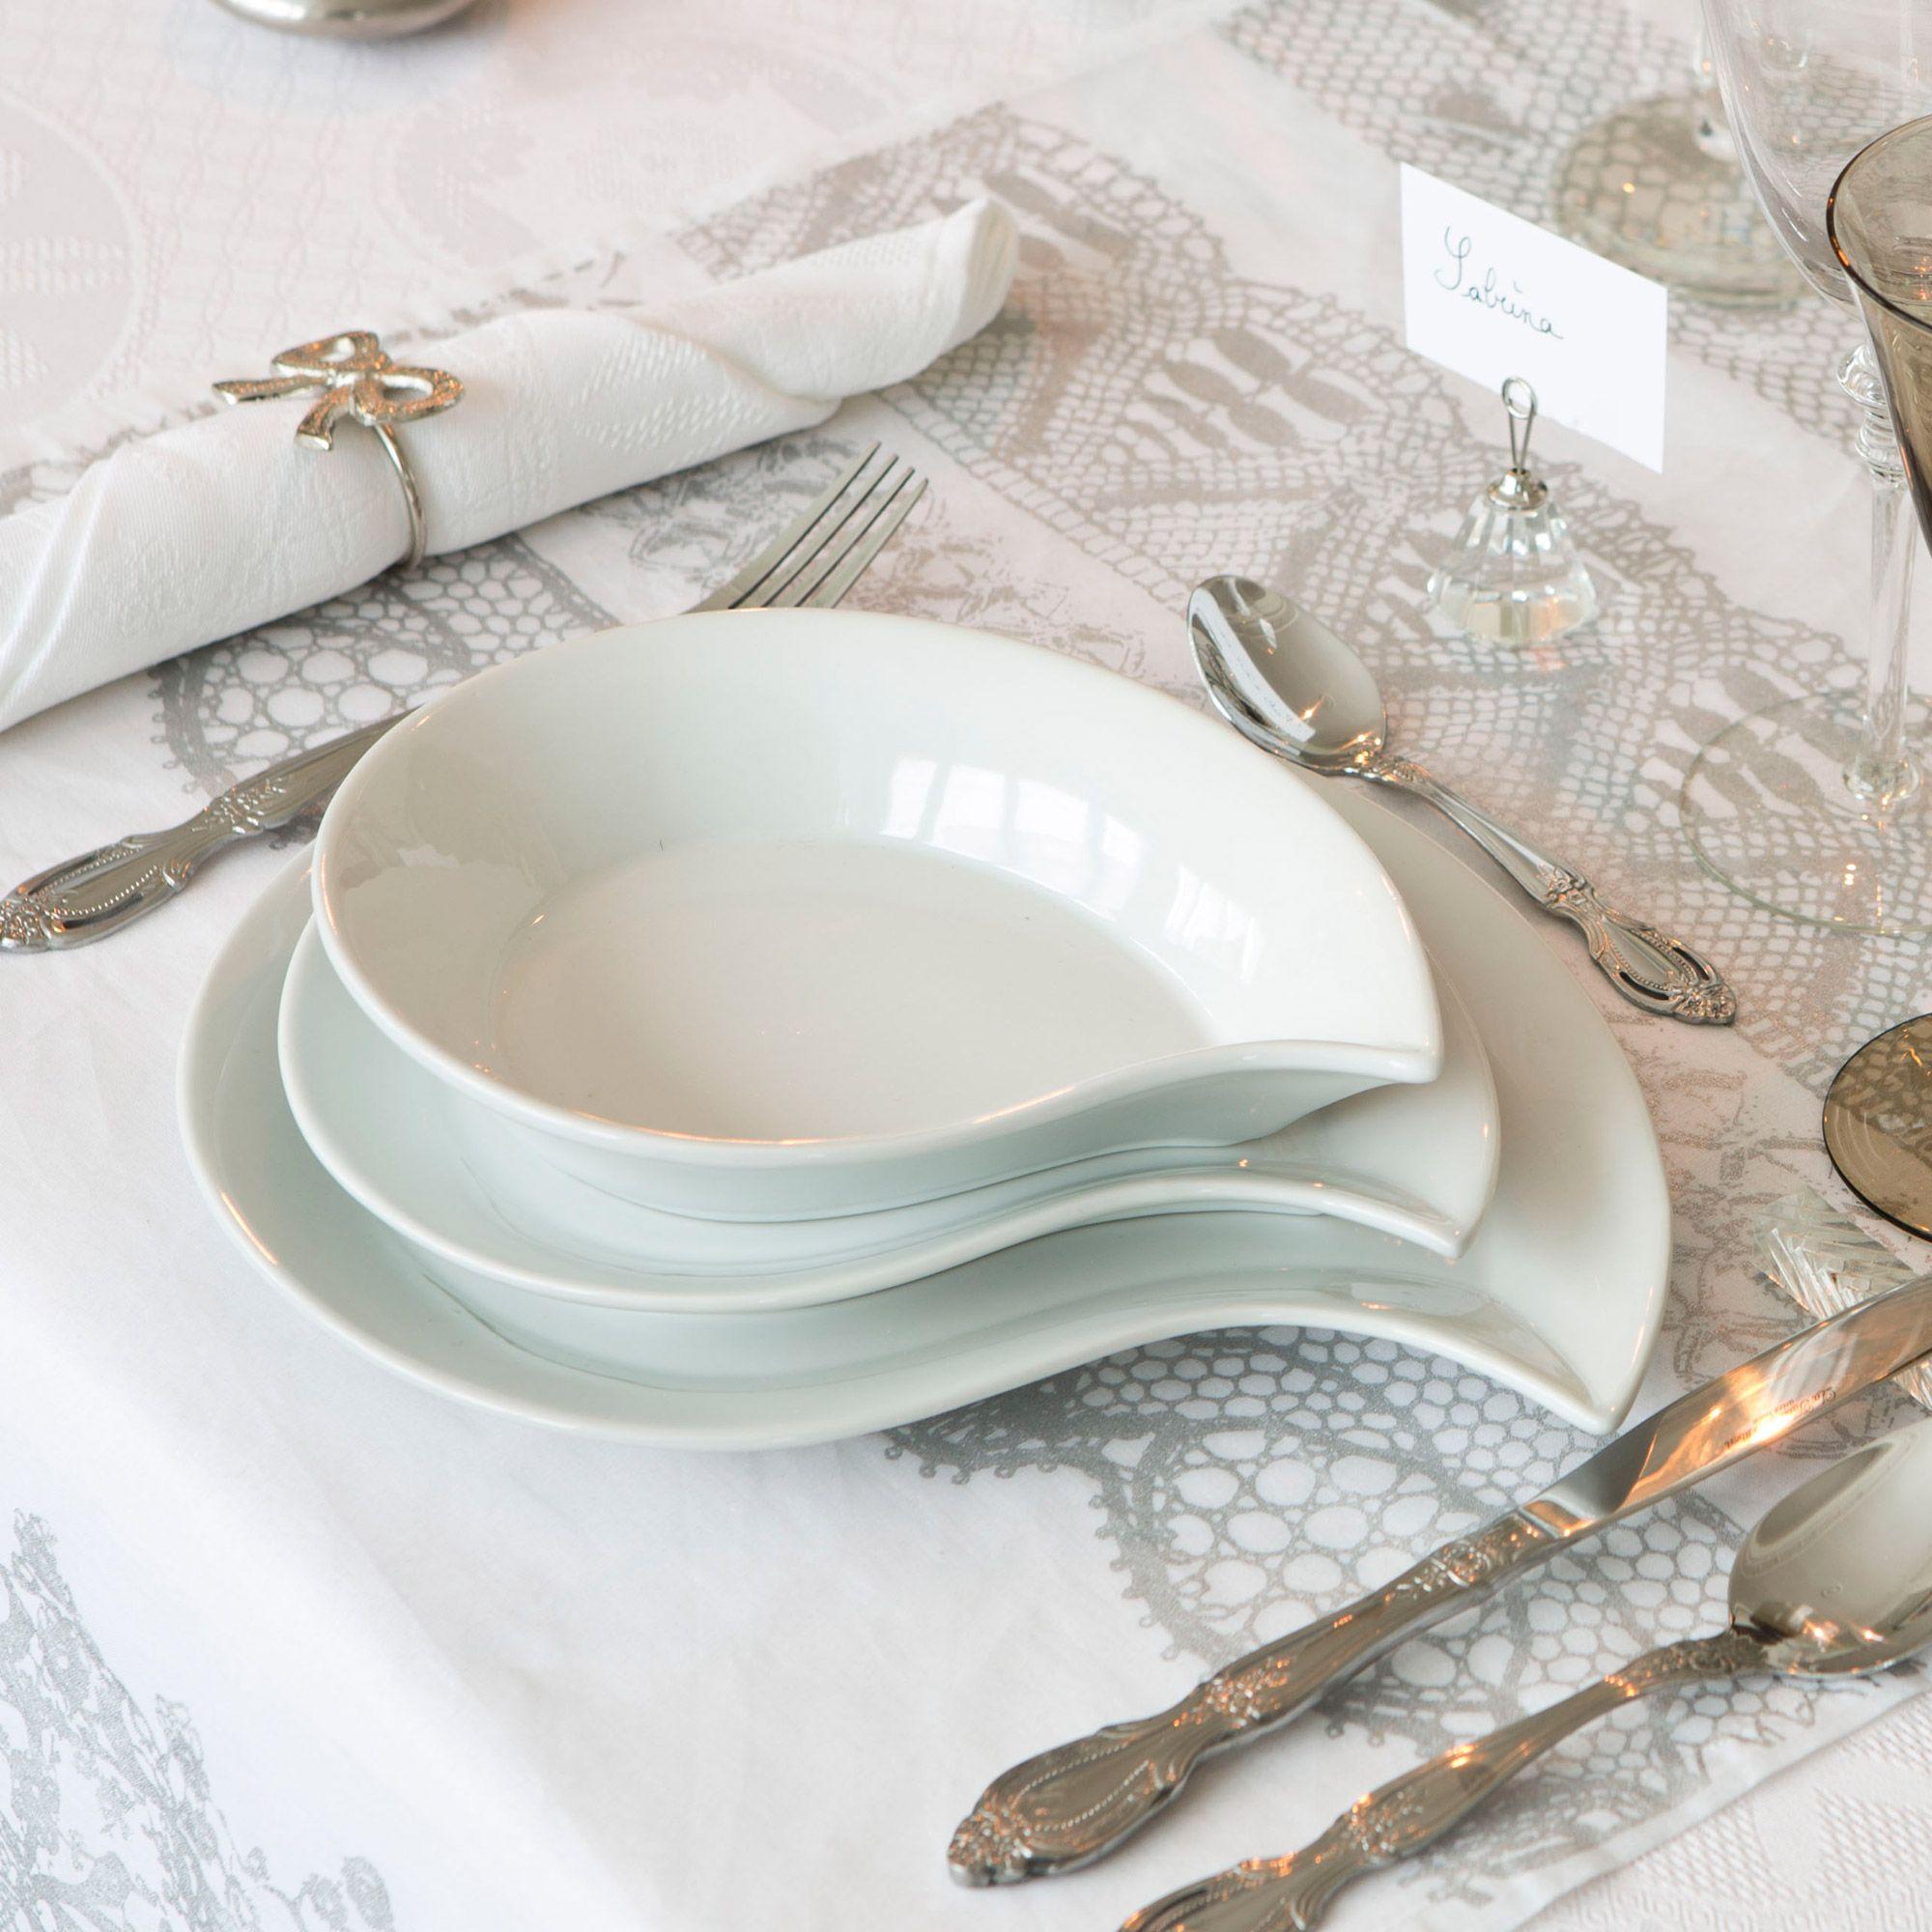 Assiettes delamaison promo service de table 12 pi ces en for Service de table original